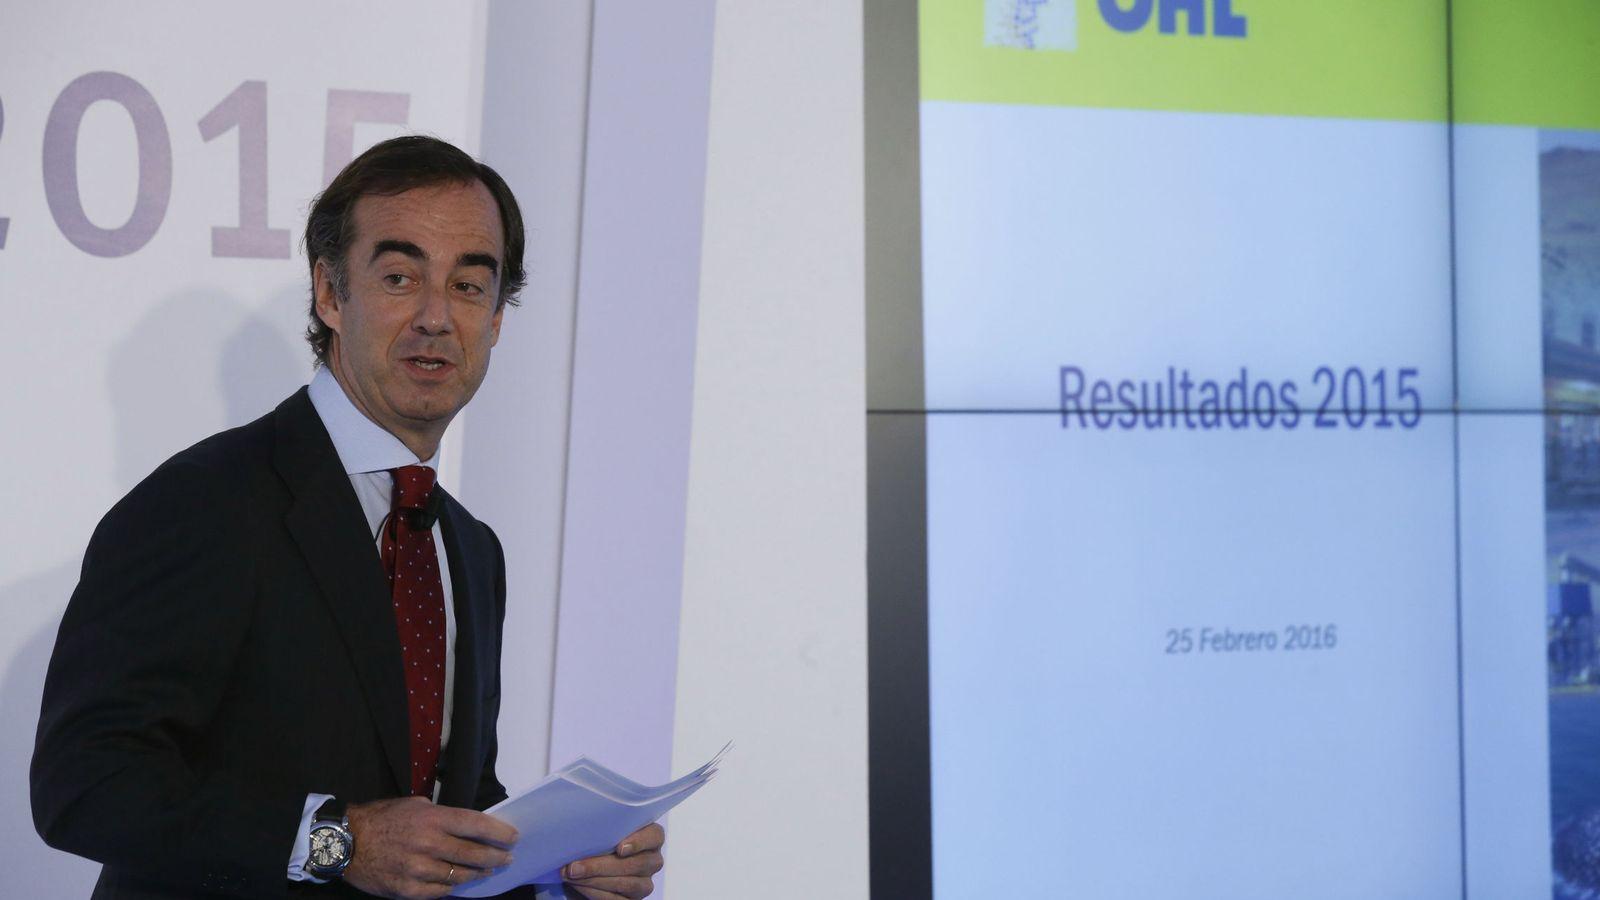 Foto: El presidente de OHL, Juan Villar-Mir de Fuentes (Efe)